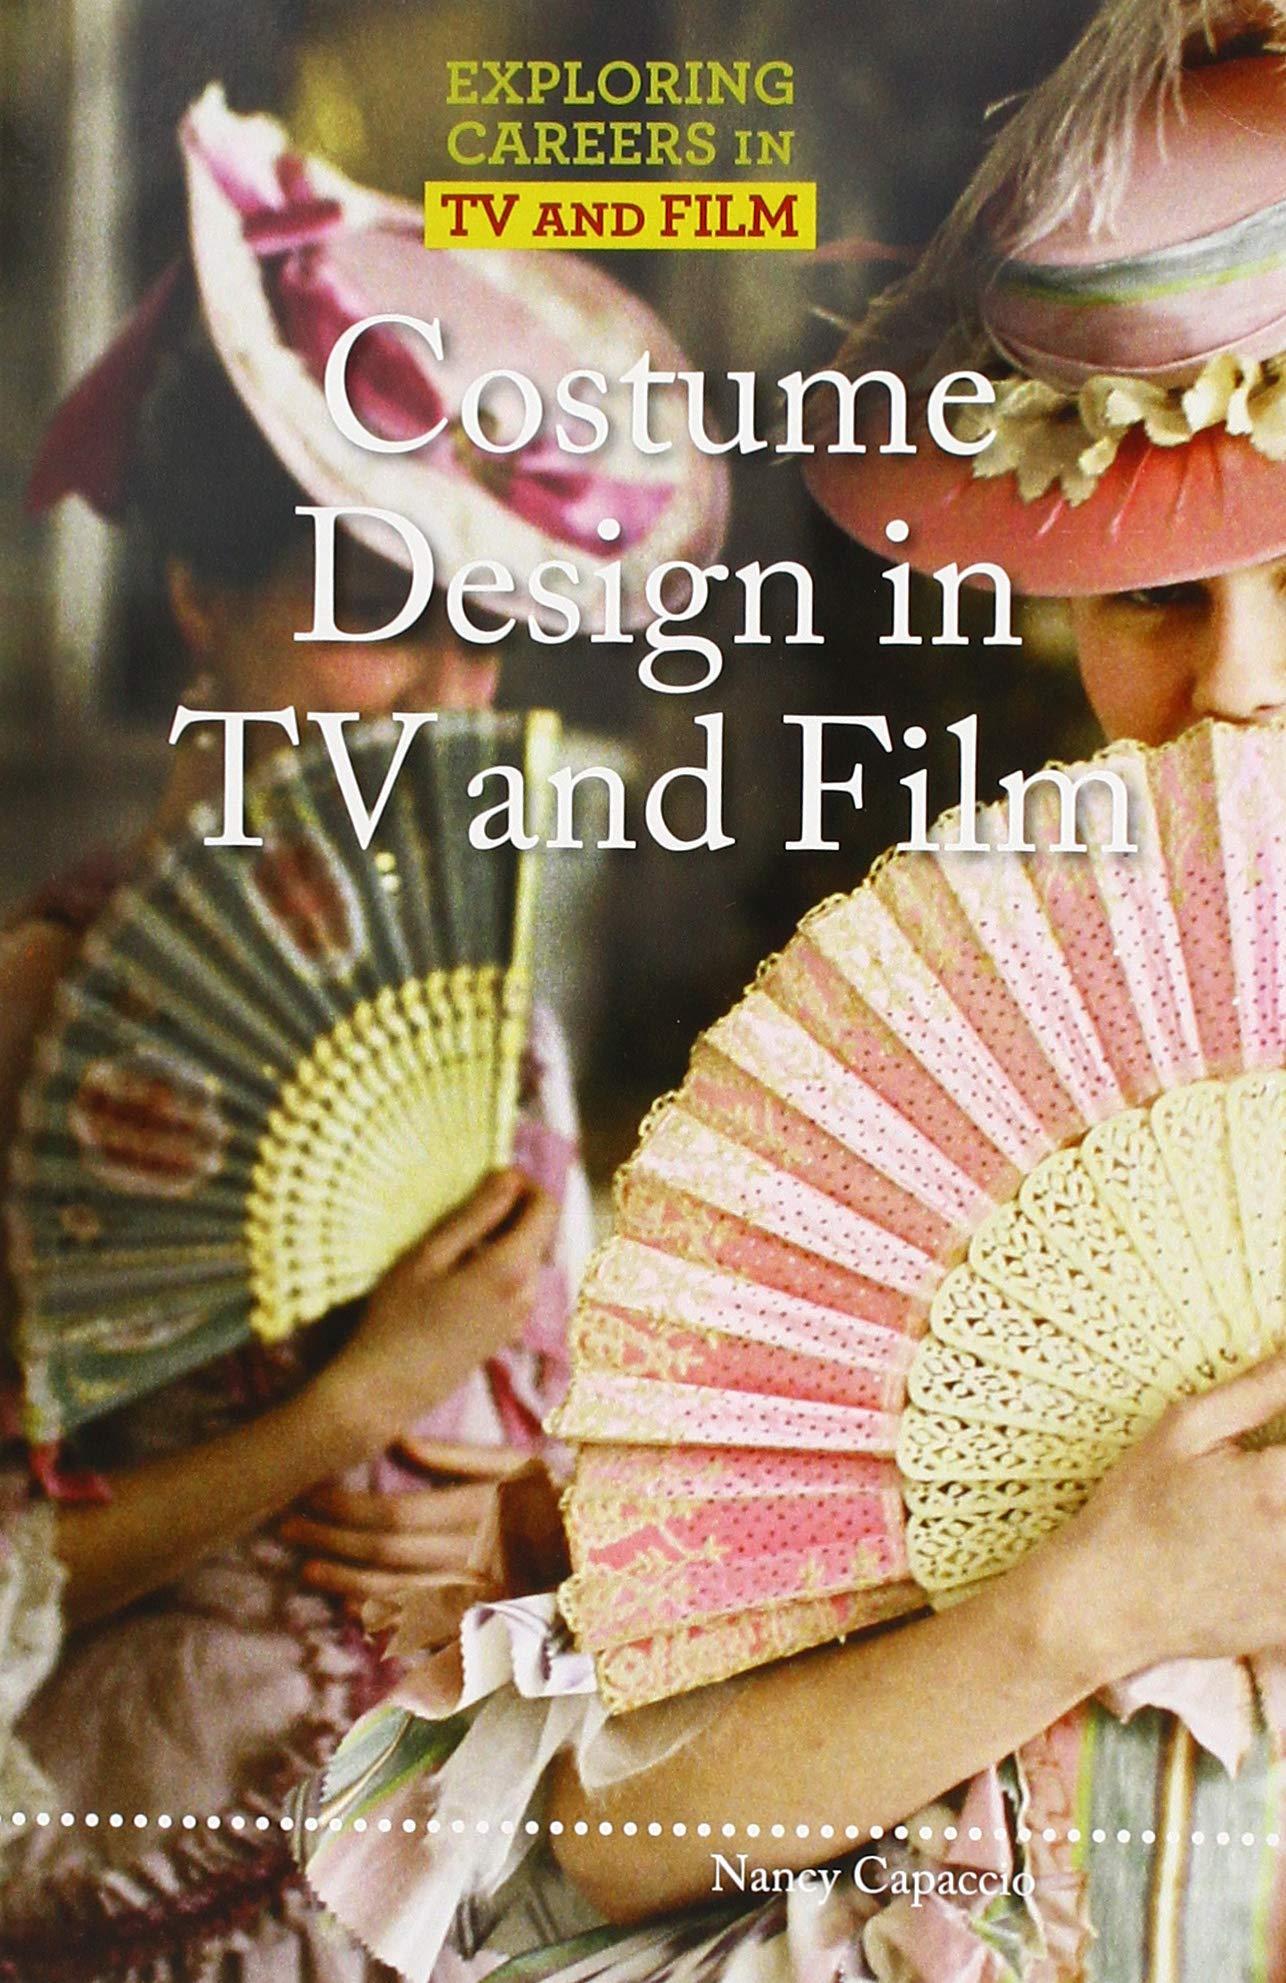 Amazon Com Costume Design In Tv And Film Exploring Careers In Tv And Film 9781502640383 Capaccio Nancy Books